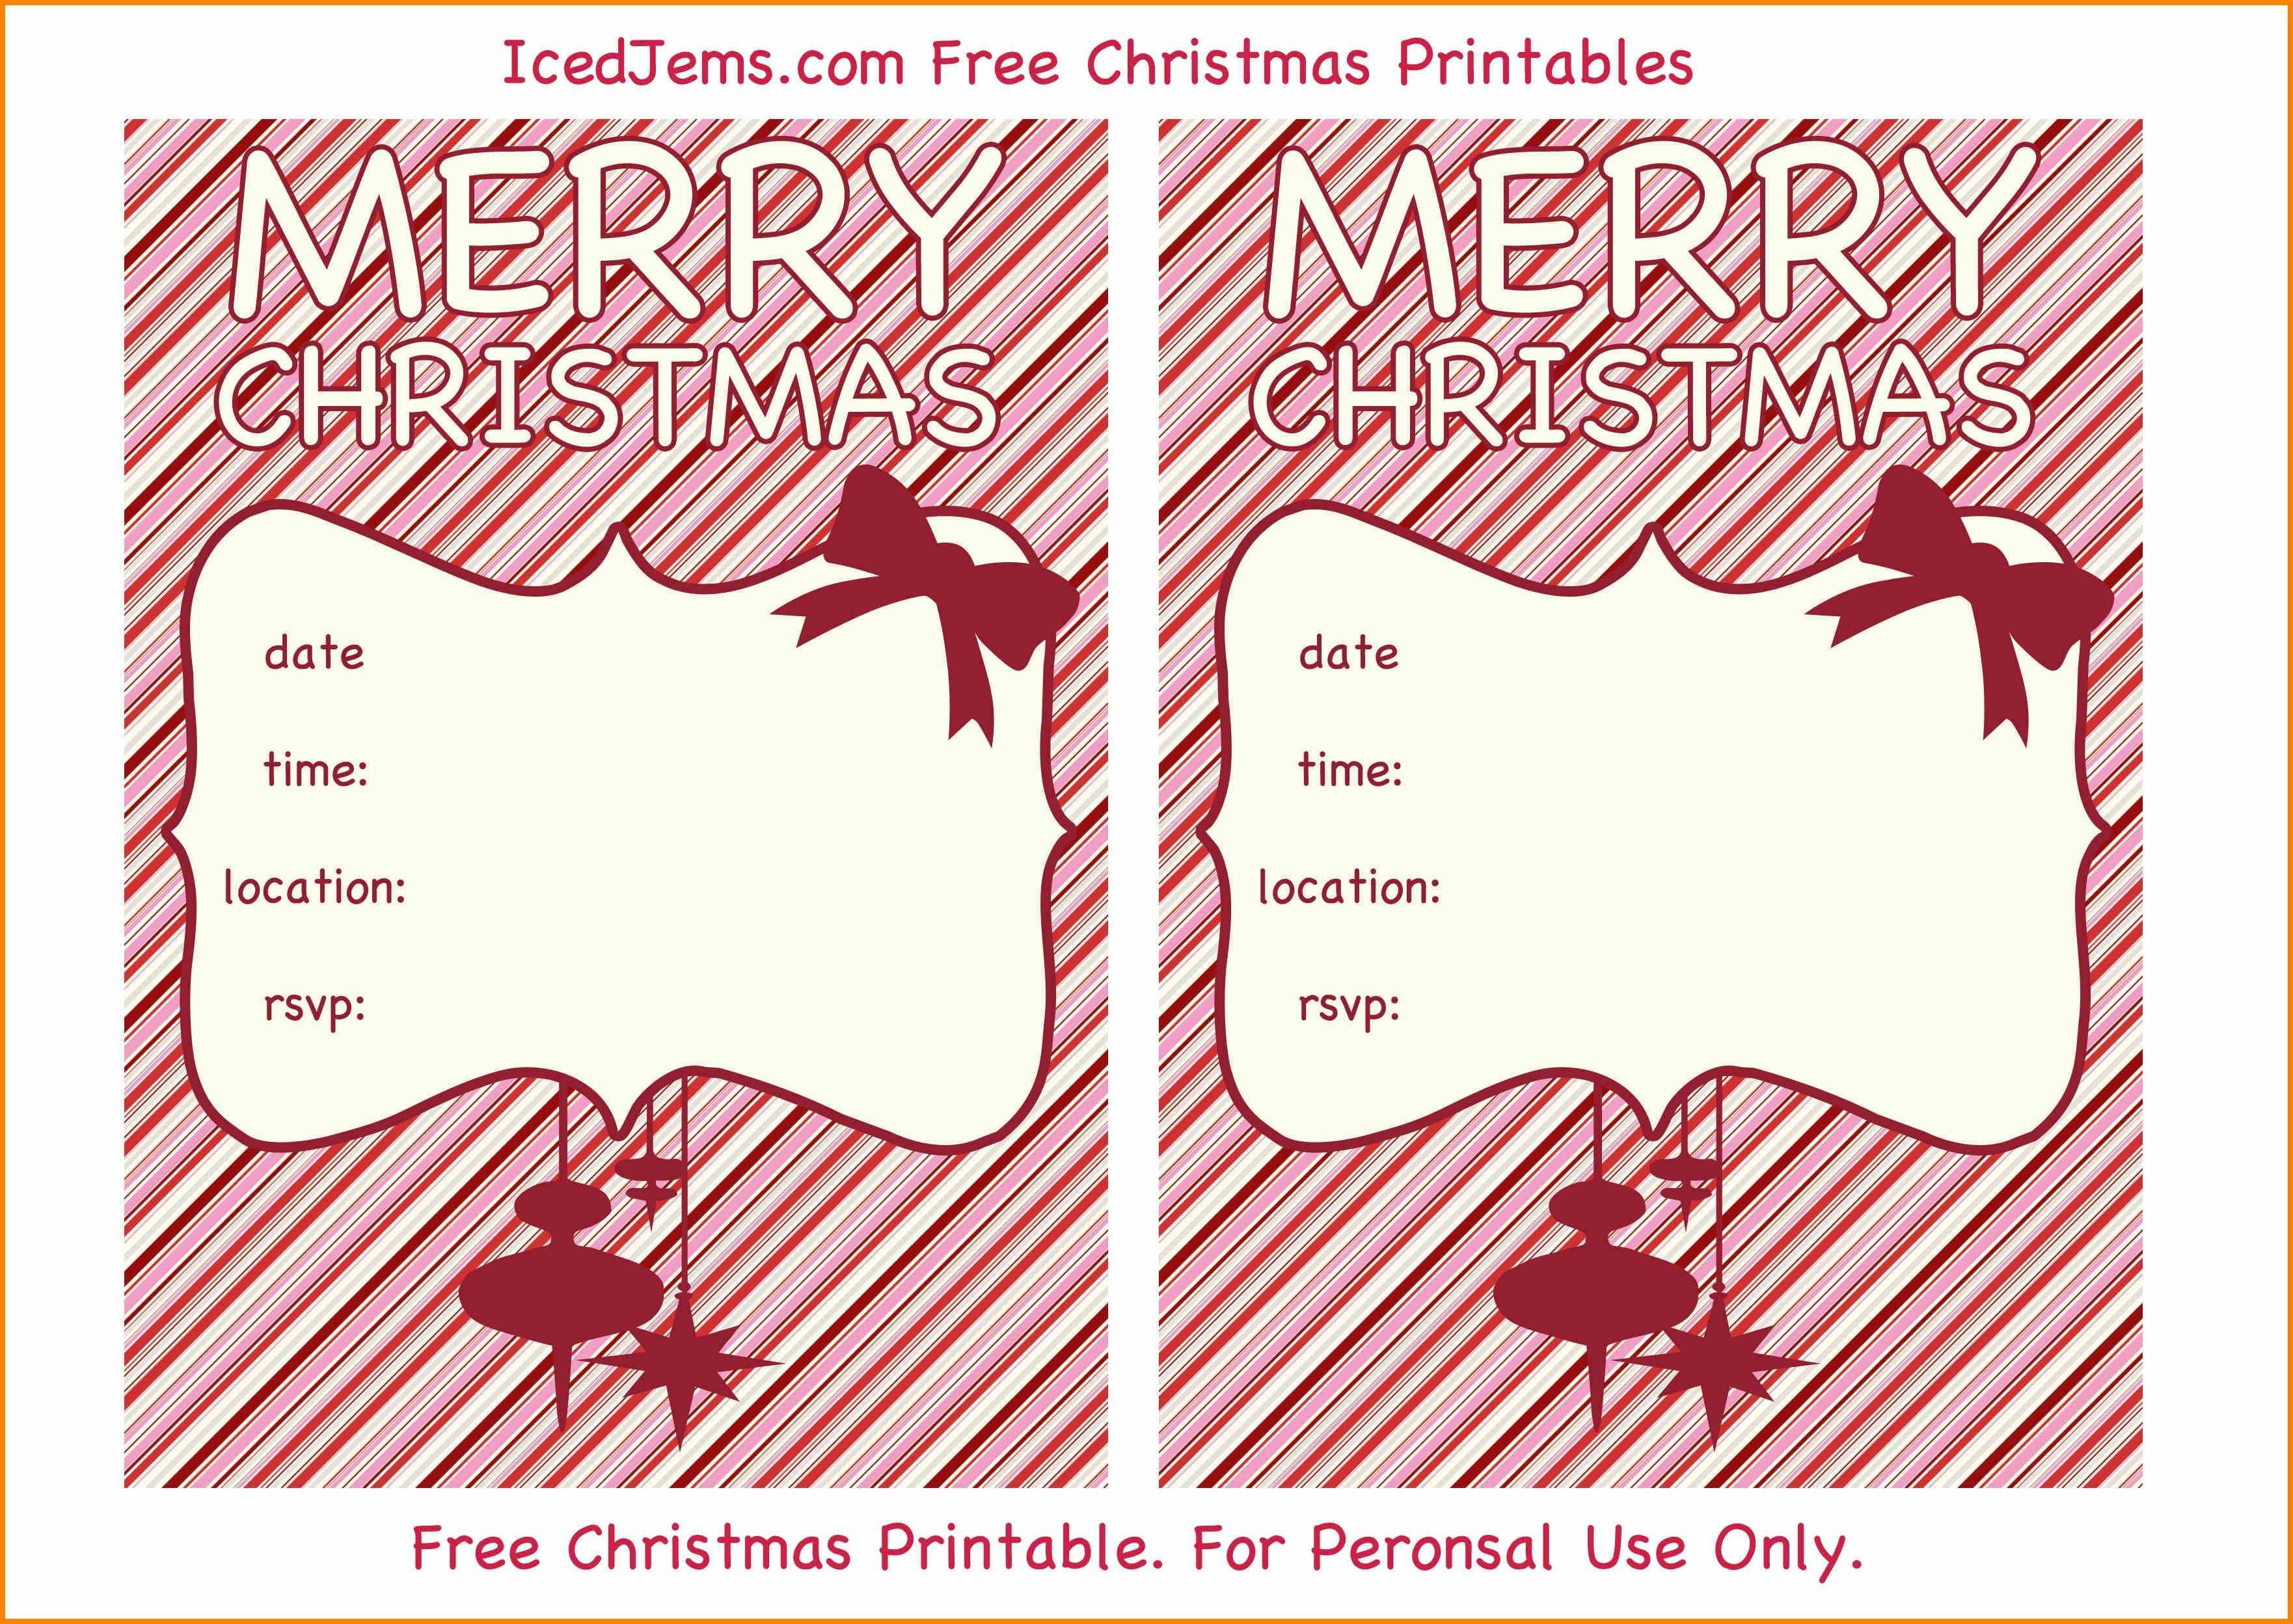 42 Blank Elegant Christmas Party Invitation Template Free Download Download with Elegant Christmas Party Invitation Template Free Download